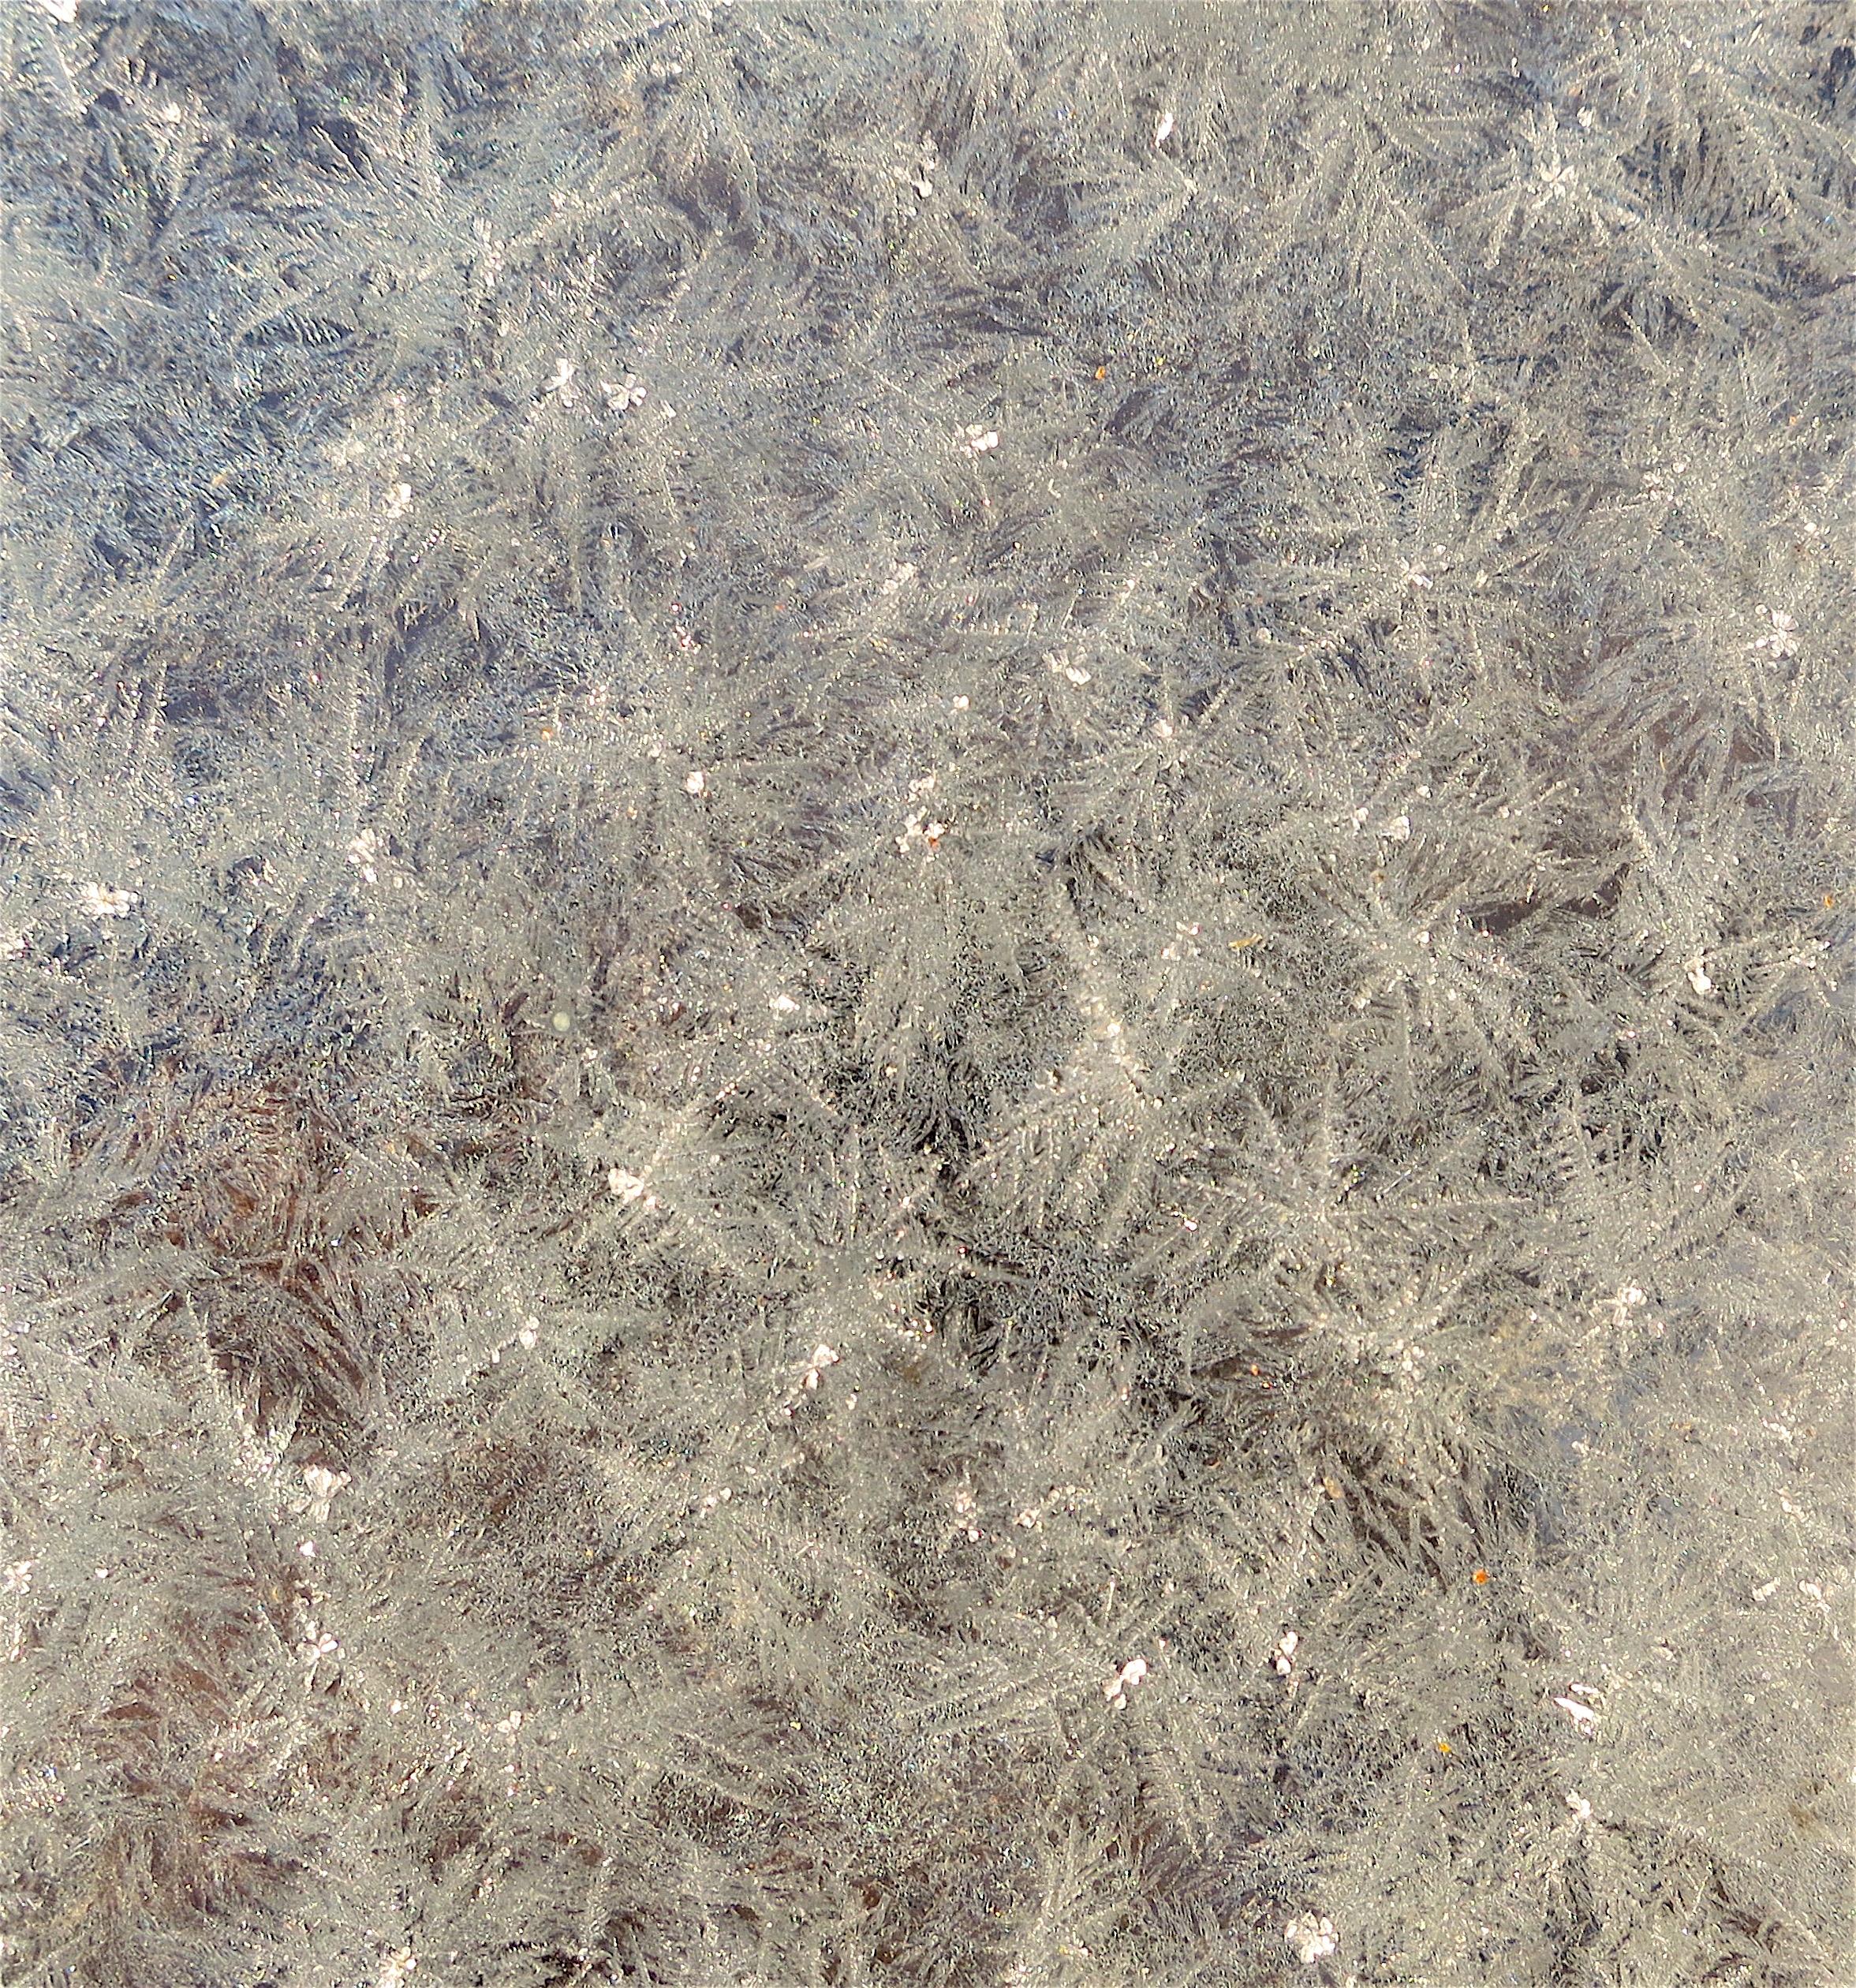 icecrystals112815